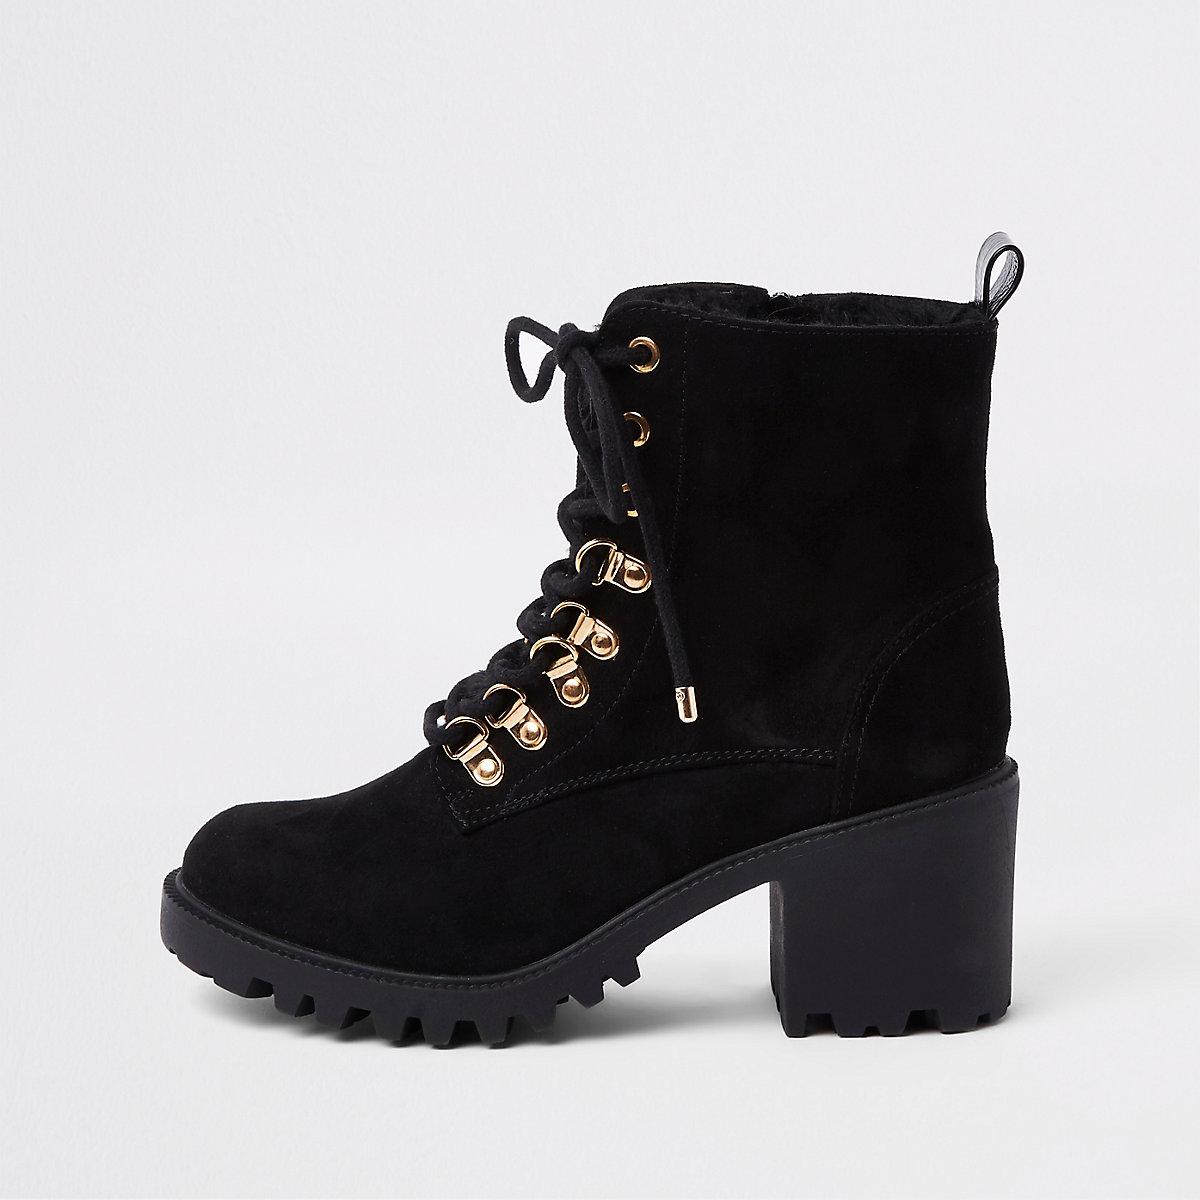 Zwarte stevige wandelschoenen met veters en imitatiebont